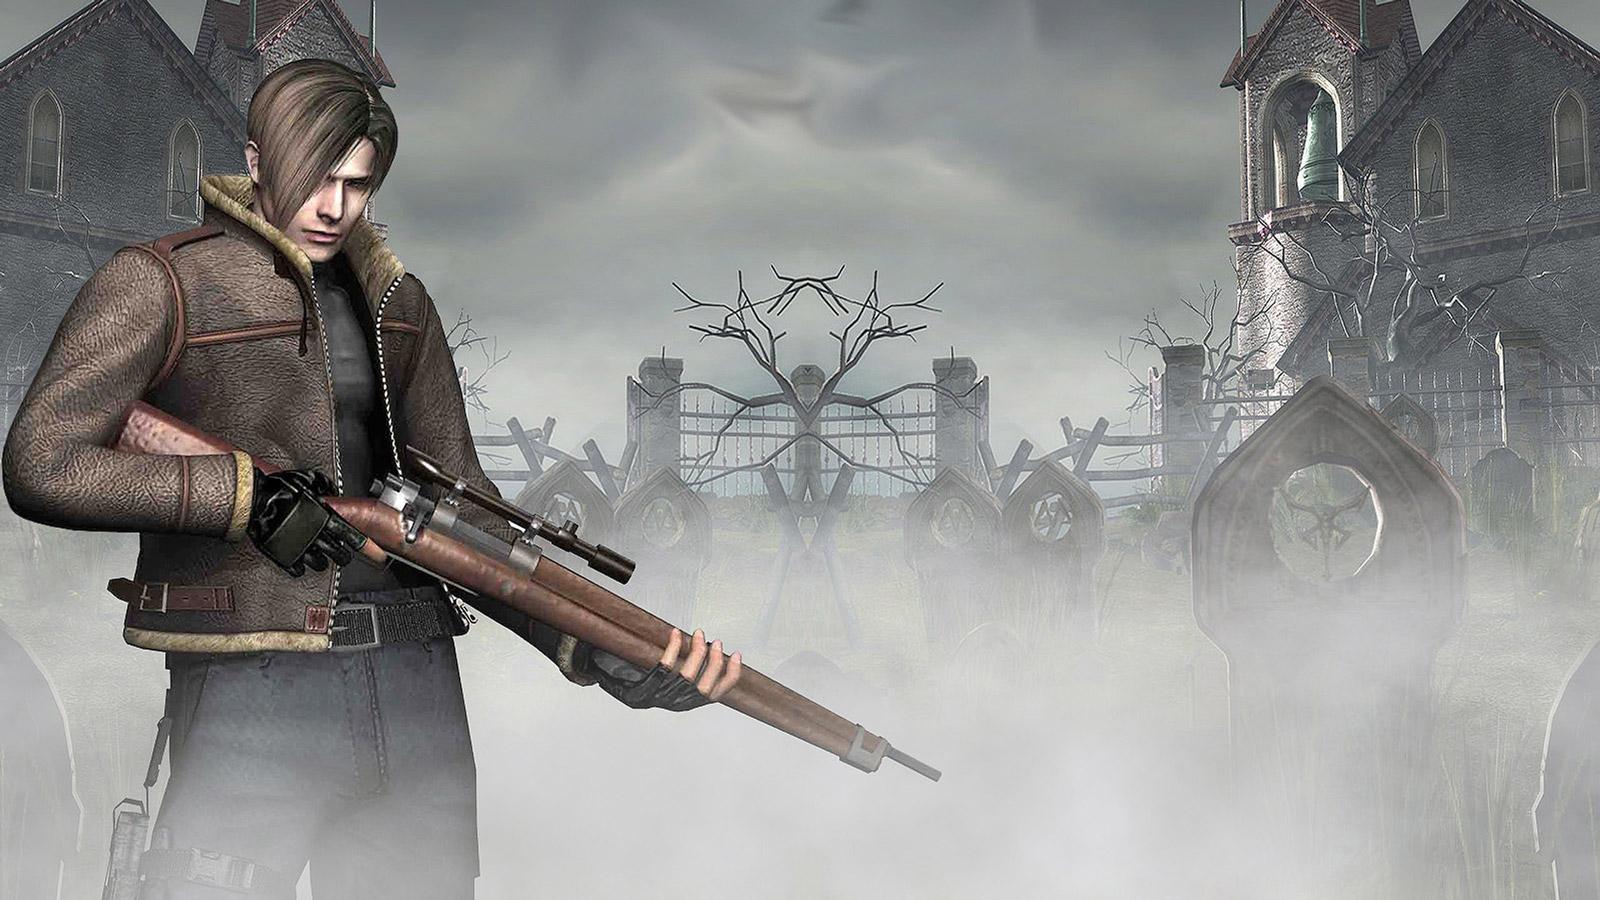 Resident Evil 4 Wallpaper in 1600x900